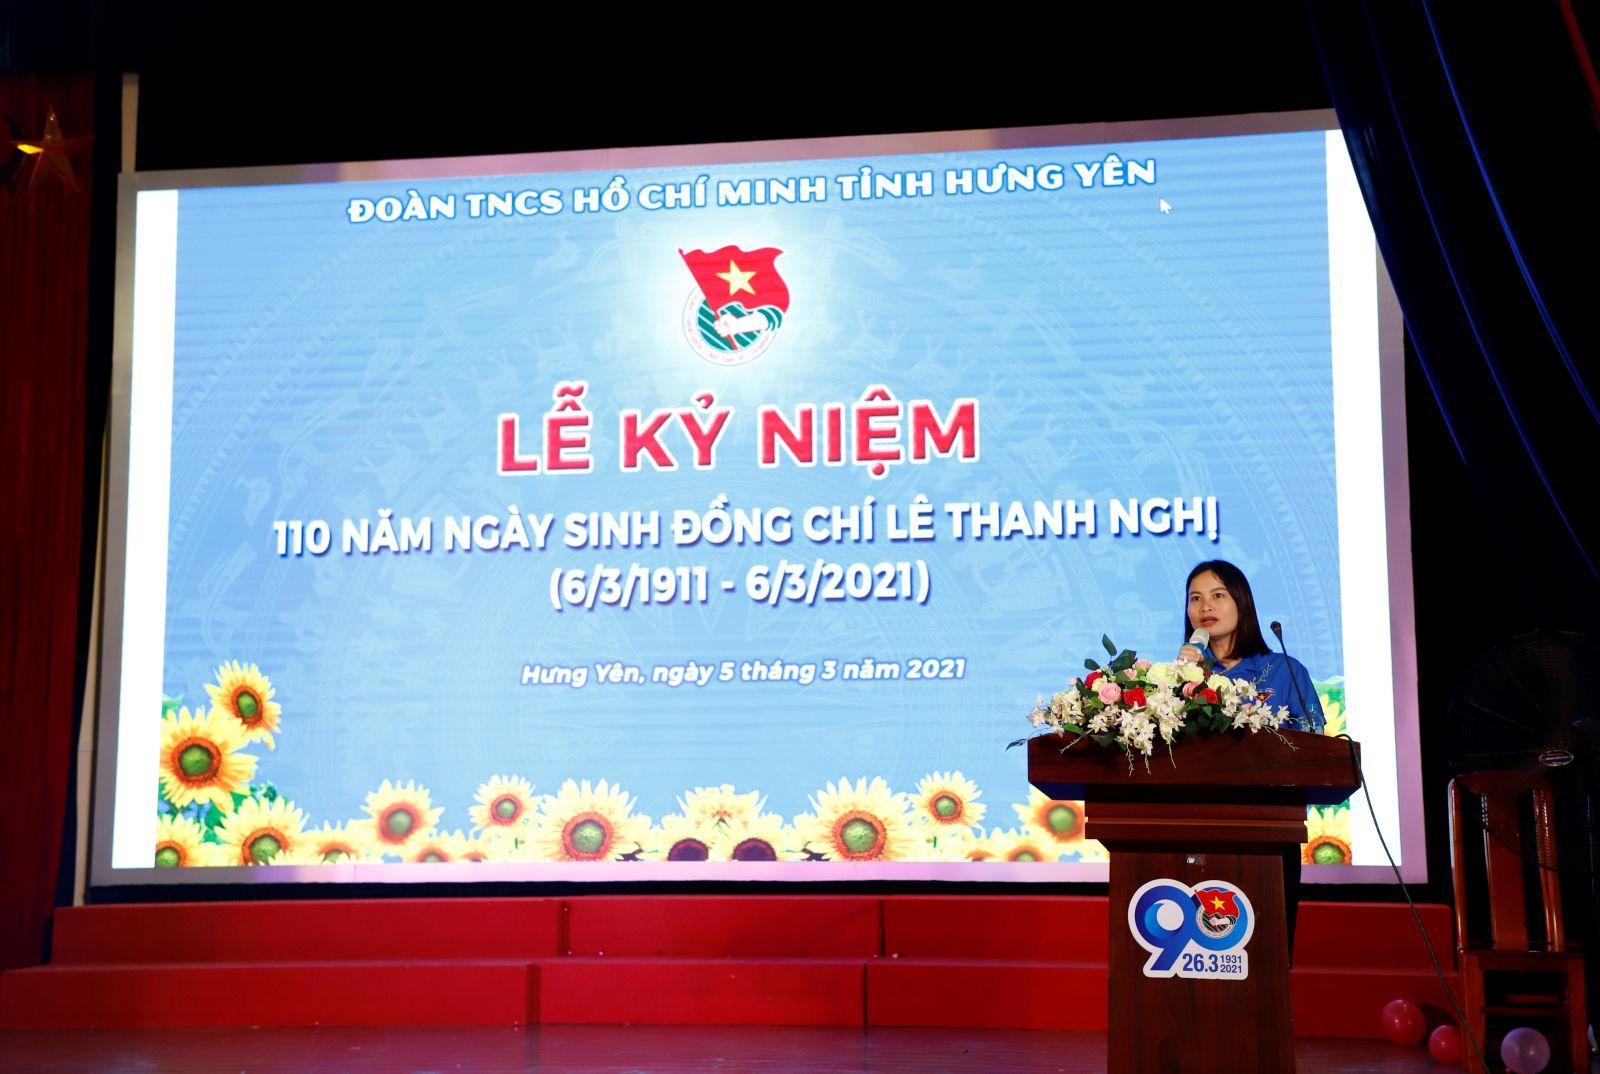 Lễ kỷ niệm 110 năm ngày sinh đồng chí Lê Thanh Nghị